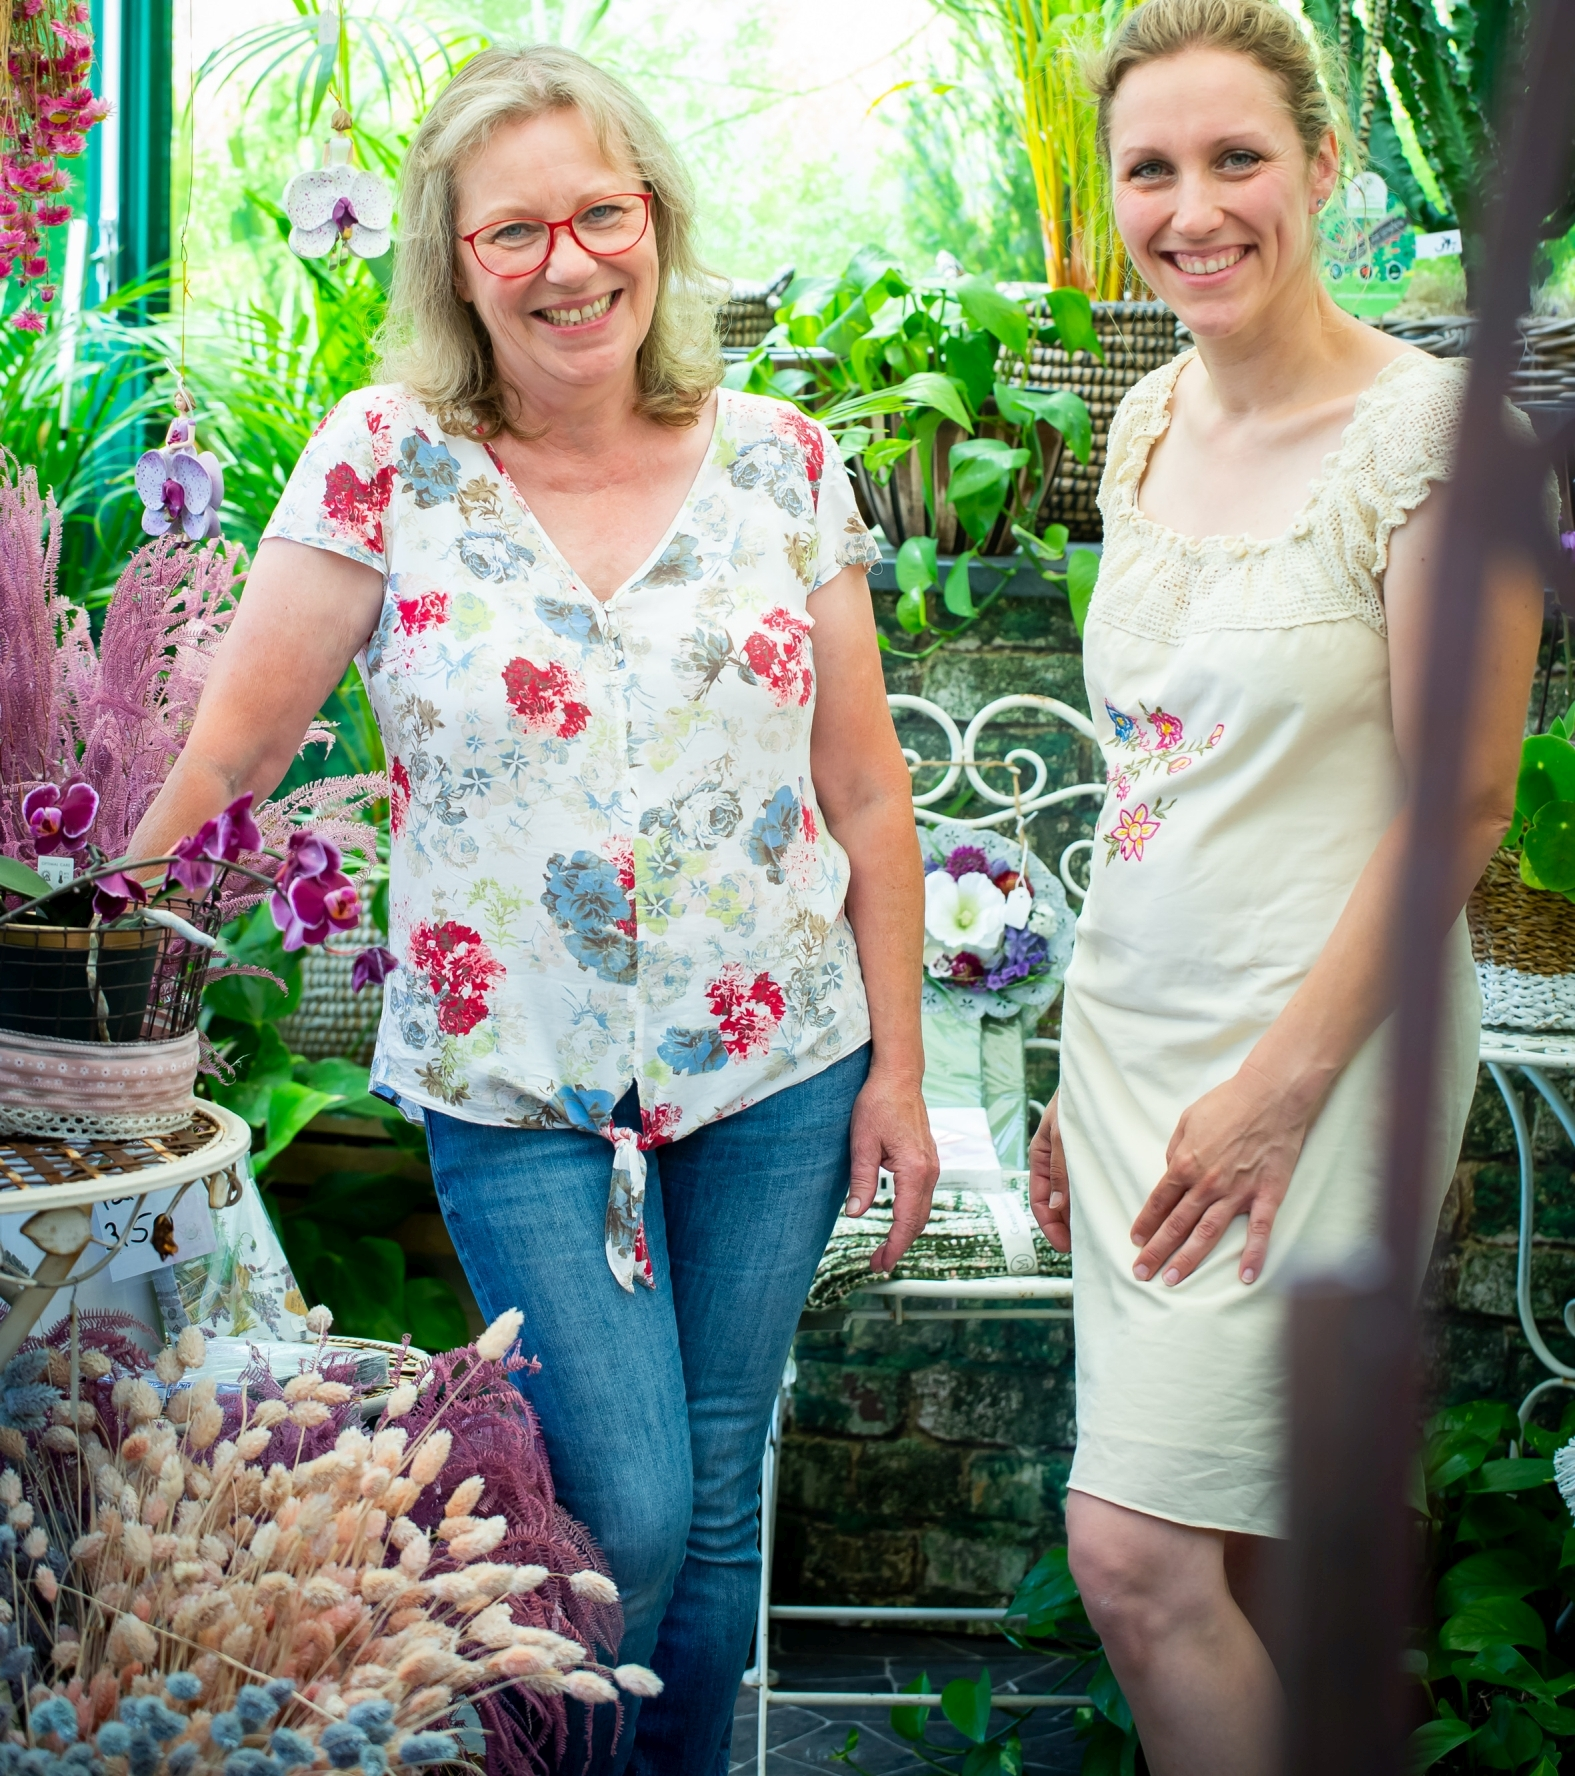 Bitte schön wild-romantisch: Zum Muttertag liegen Trockenblumen im Trend